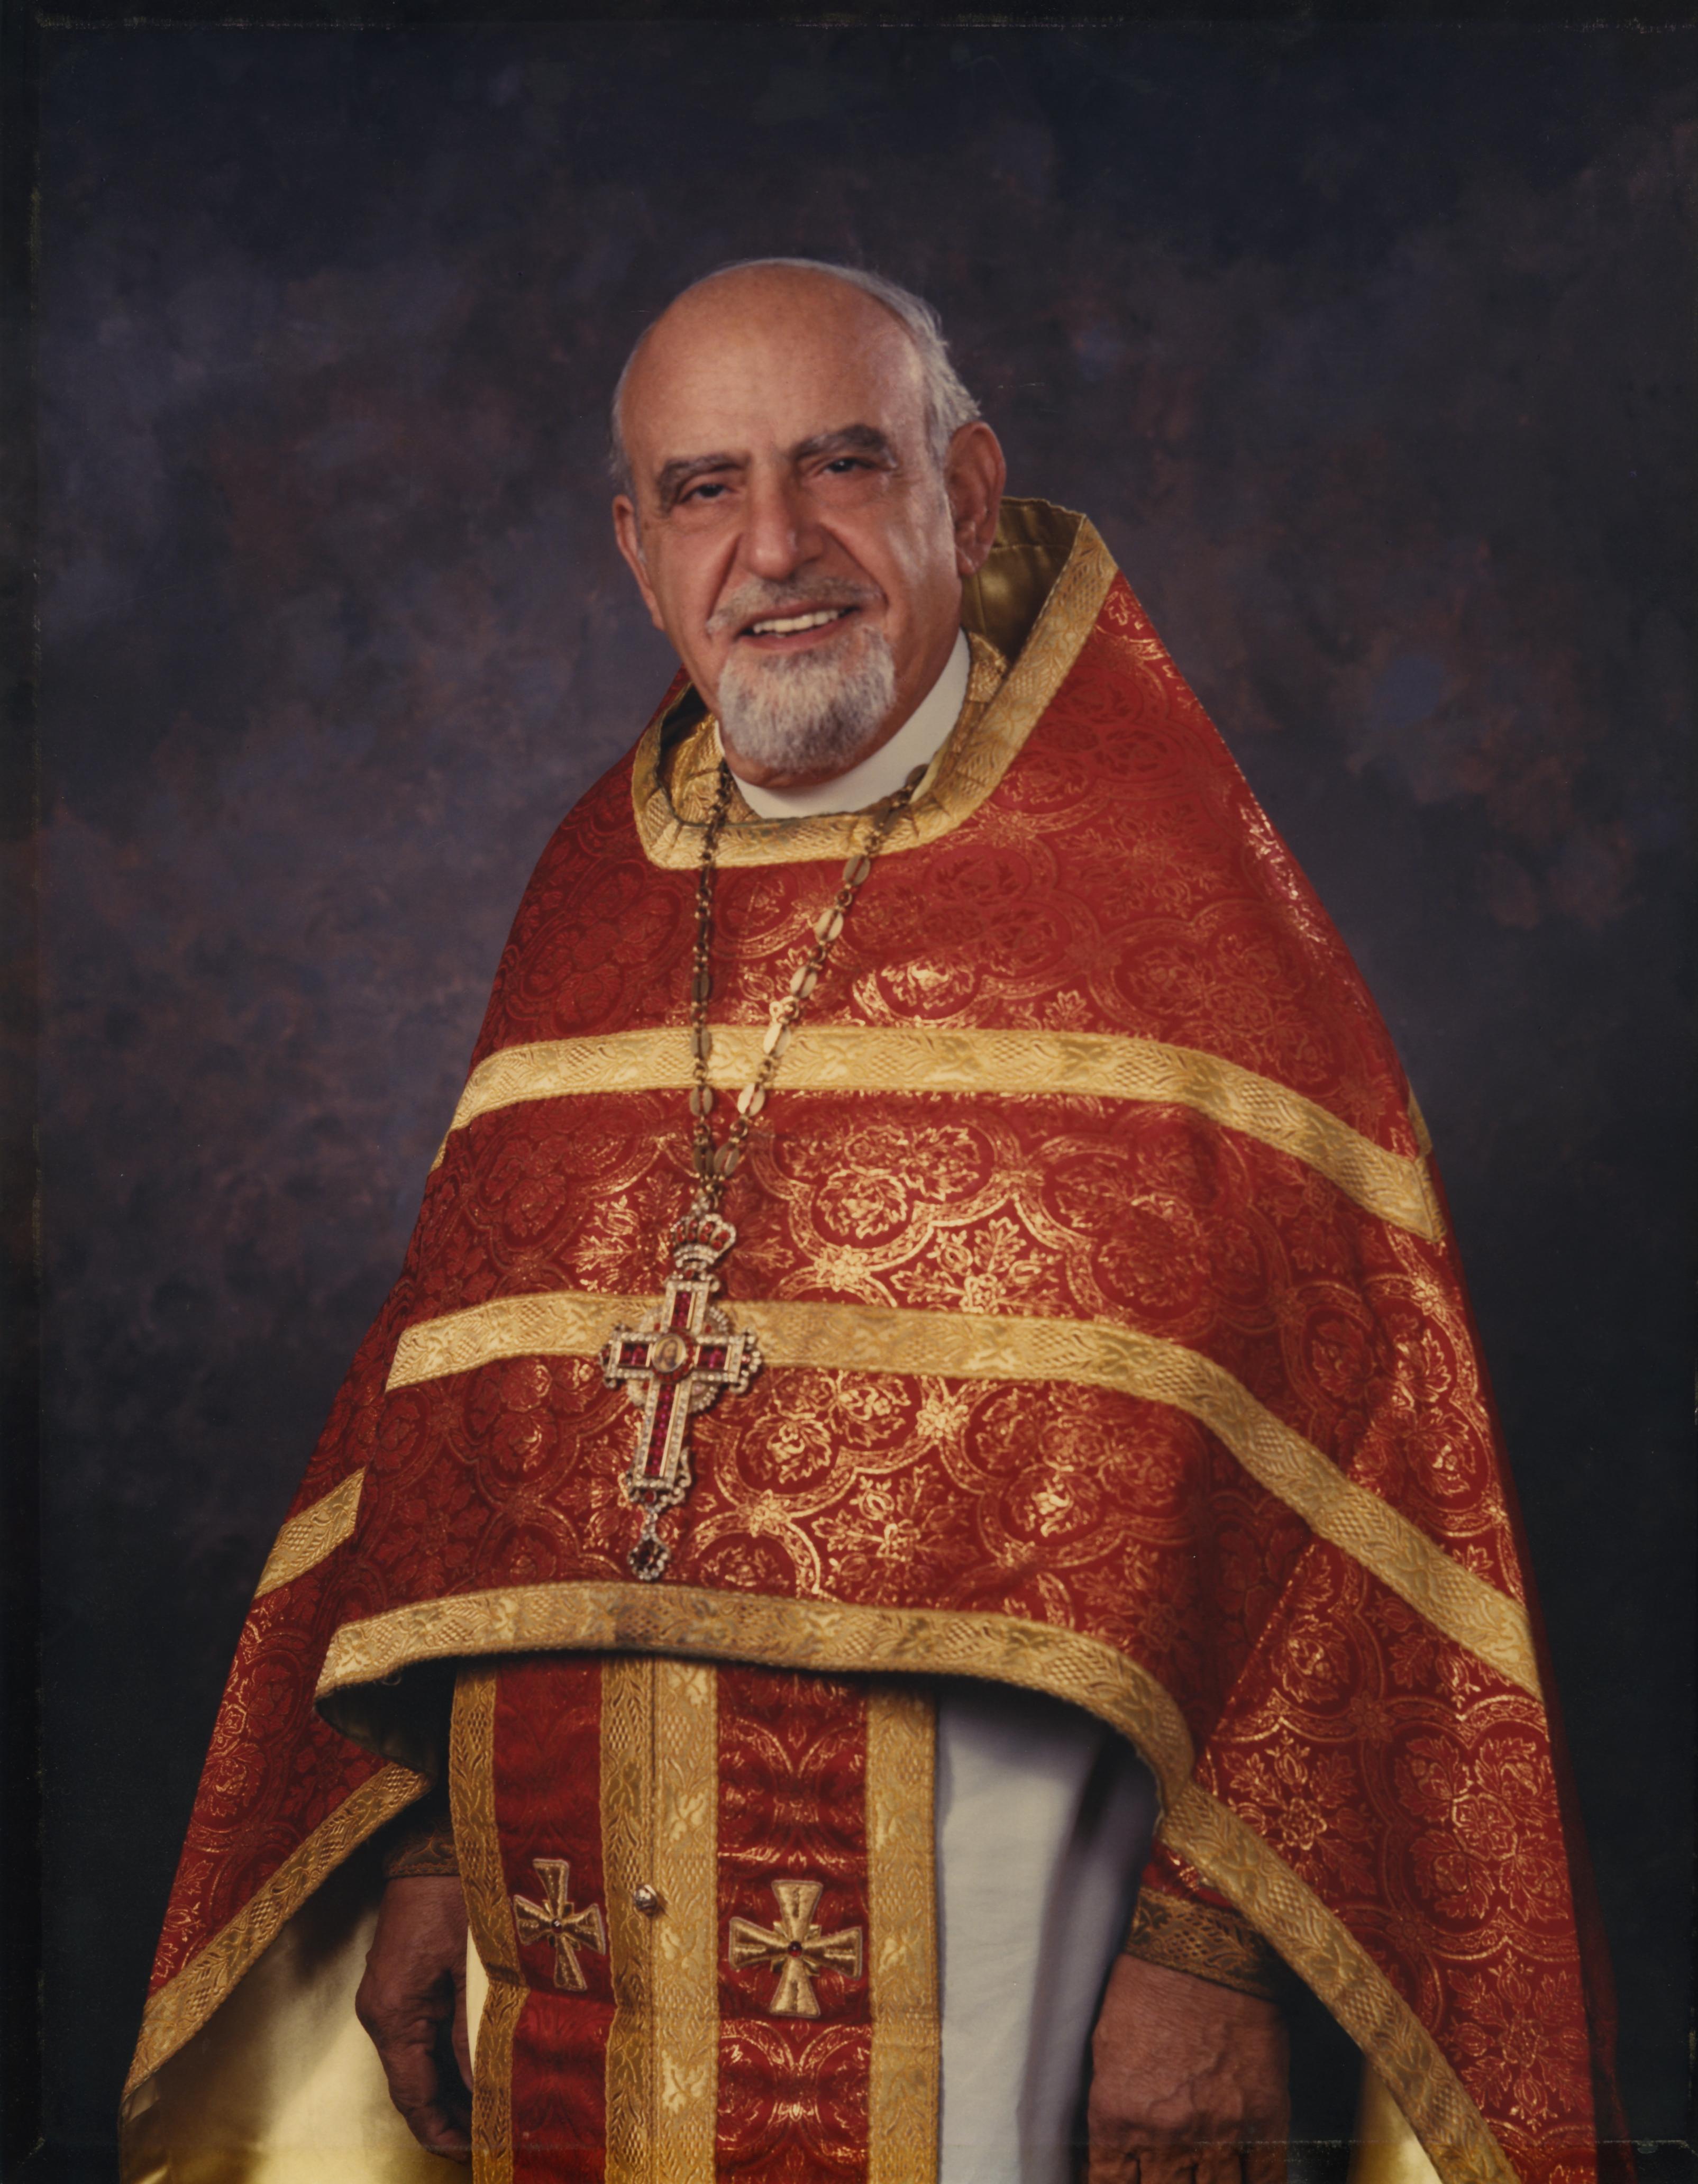 Fr. Kiril K. Antonoff